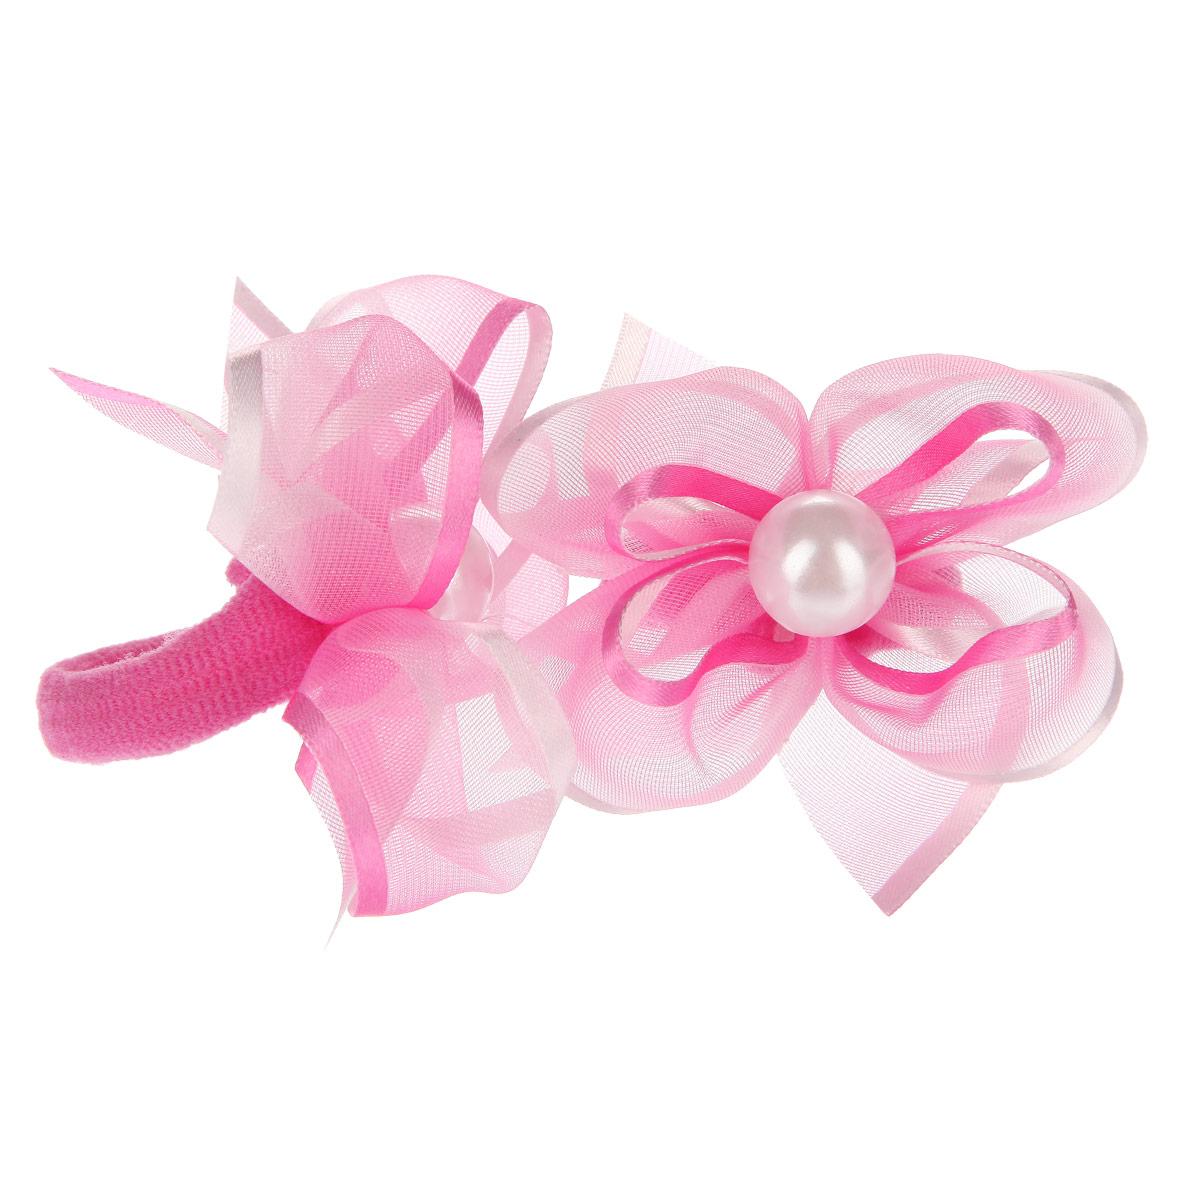 Набор резинок для волос 'Baby's Joy', цвет: розовый, 2 шт. MN 203/2